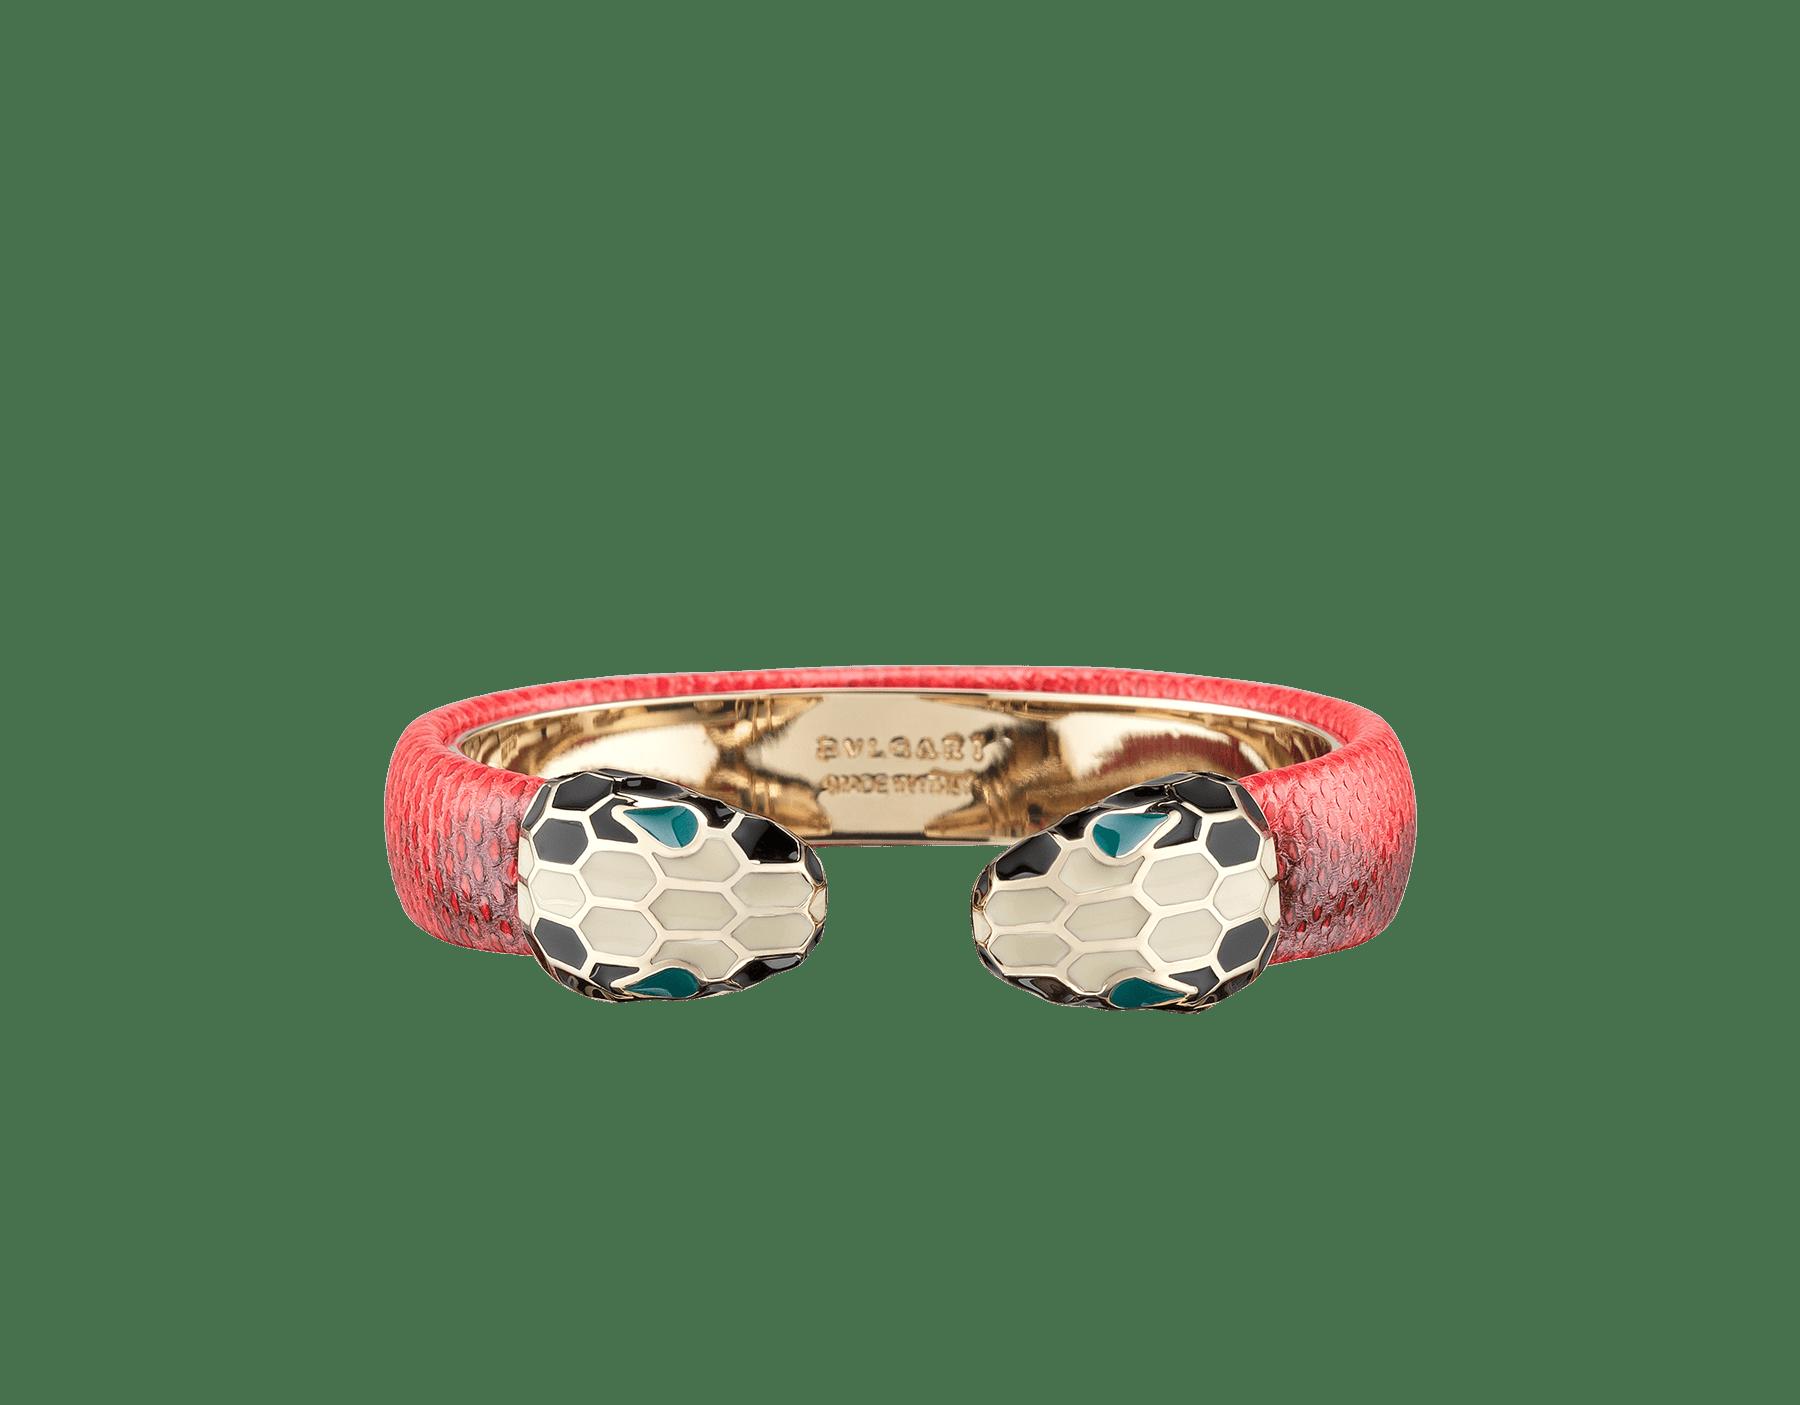 Pulsera rígida Serpenti Forever en piel de karung brillante color coral estrella de mar, con piezas metálicas en latón bañadas en oro claro. Emblemático cierre Contraire con la icónica cabeza de serpiente en esmalte blanco y negro, con ojos en esmalte verde. 288373 image 1